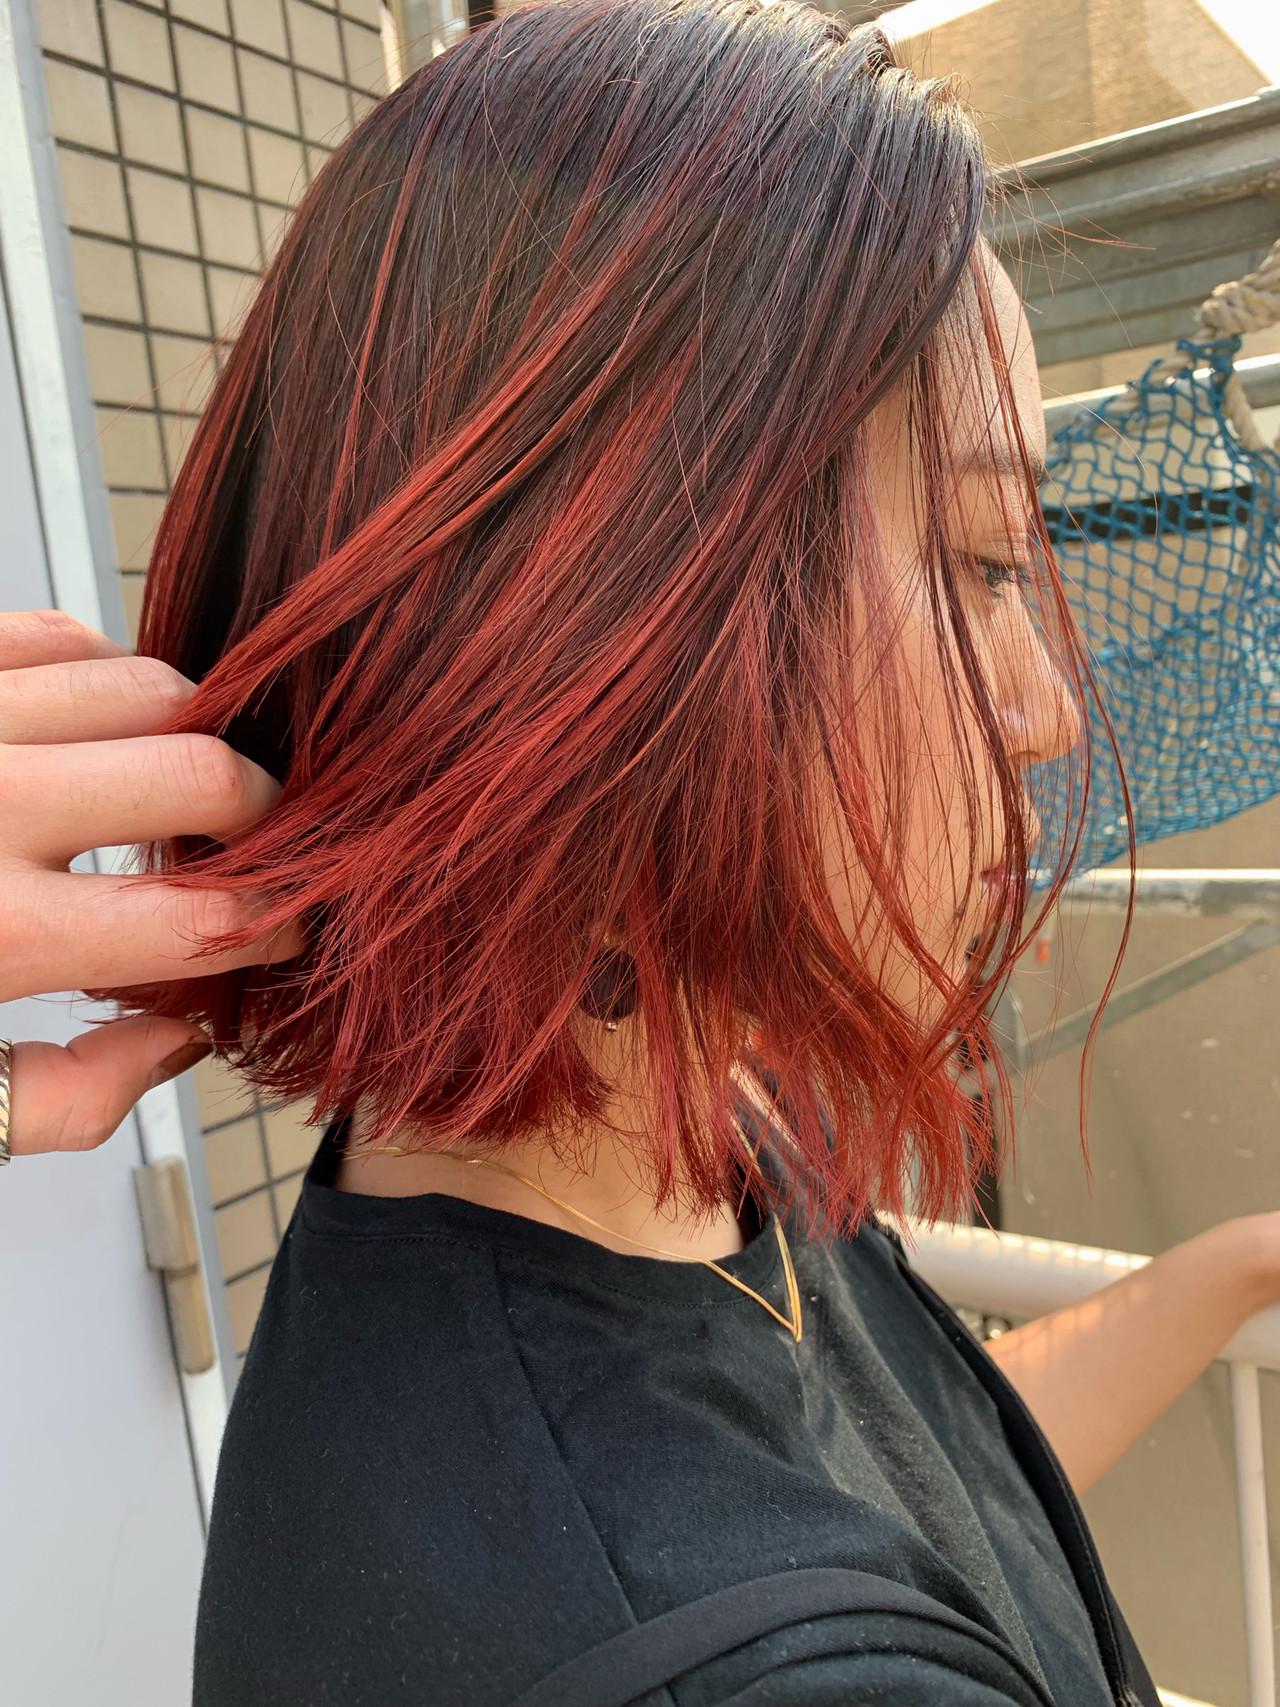 ストリート レッドカラー ボブ 3Dハイライト ヘアスタイルや髪型の写真・画像